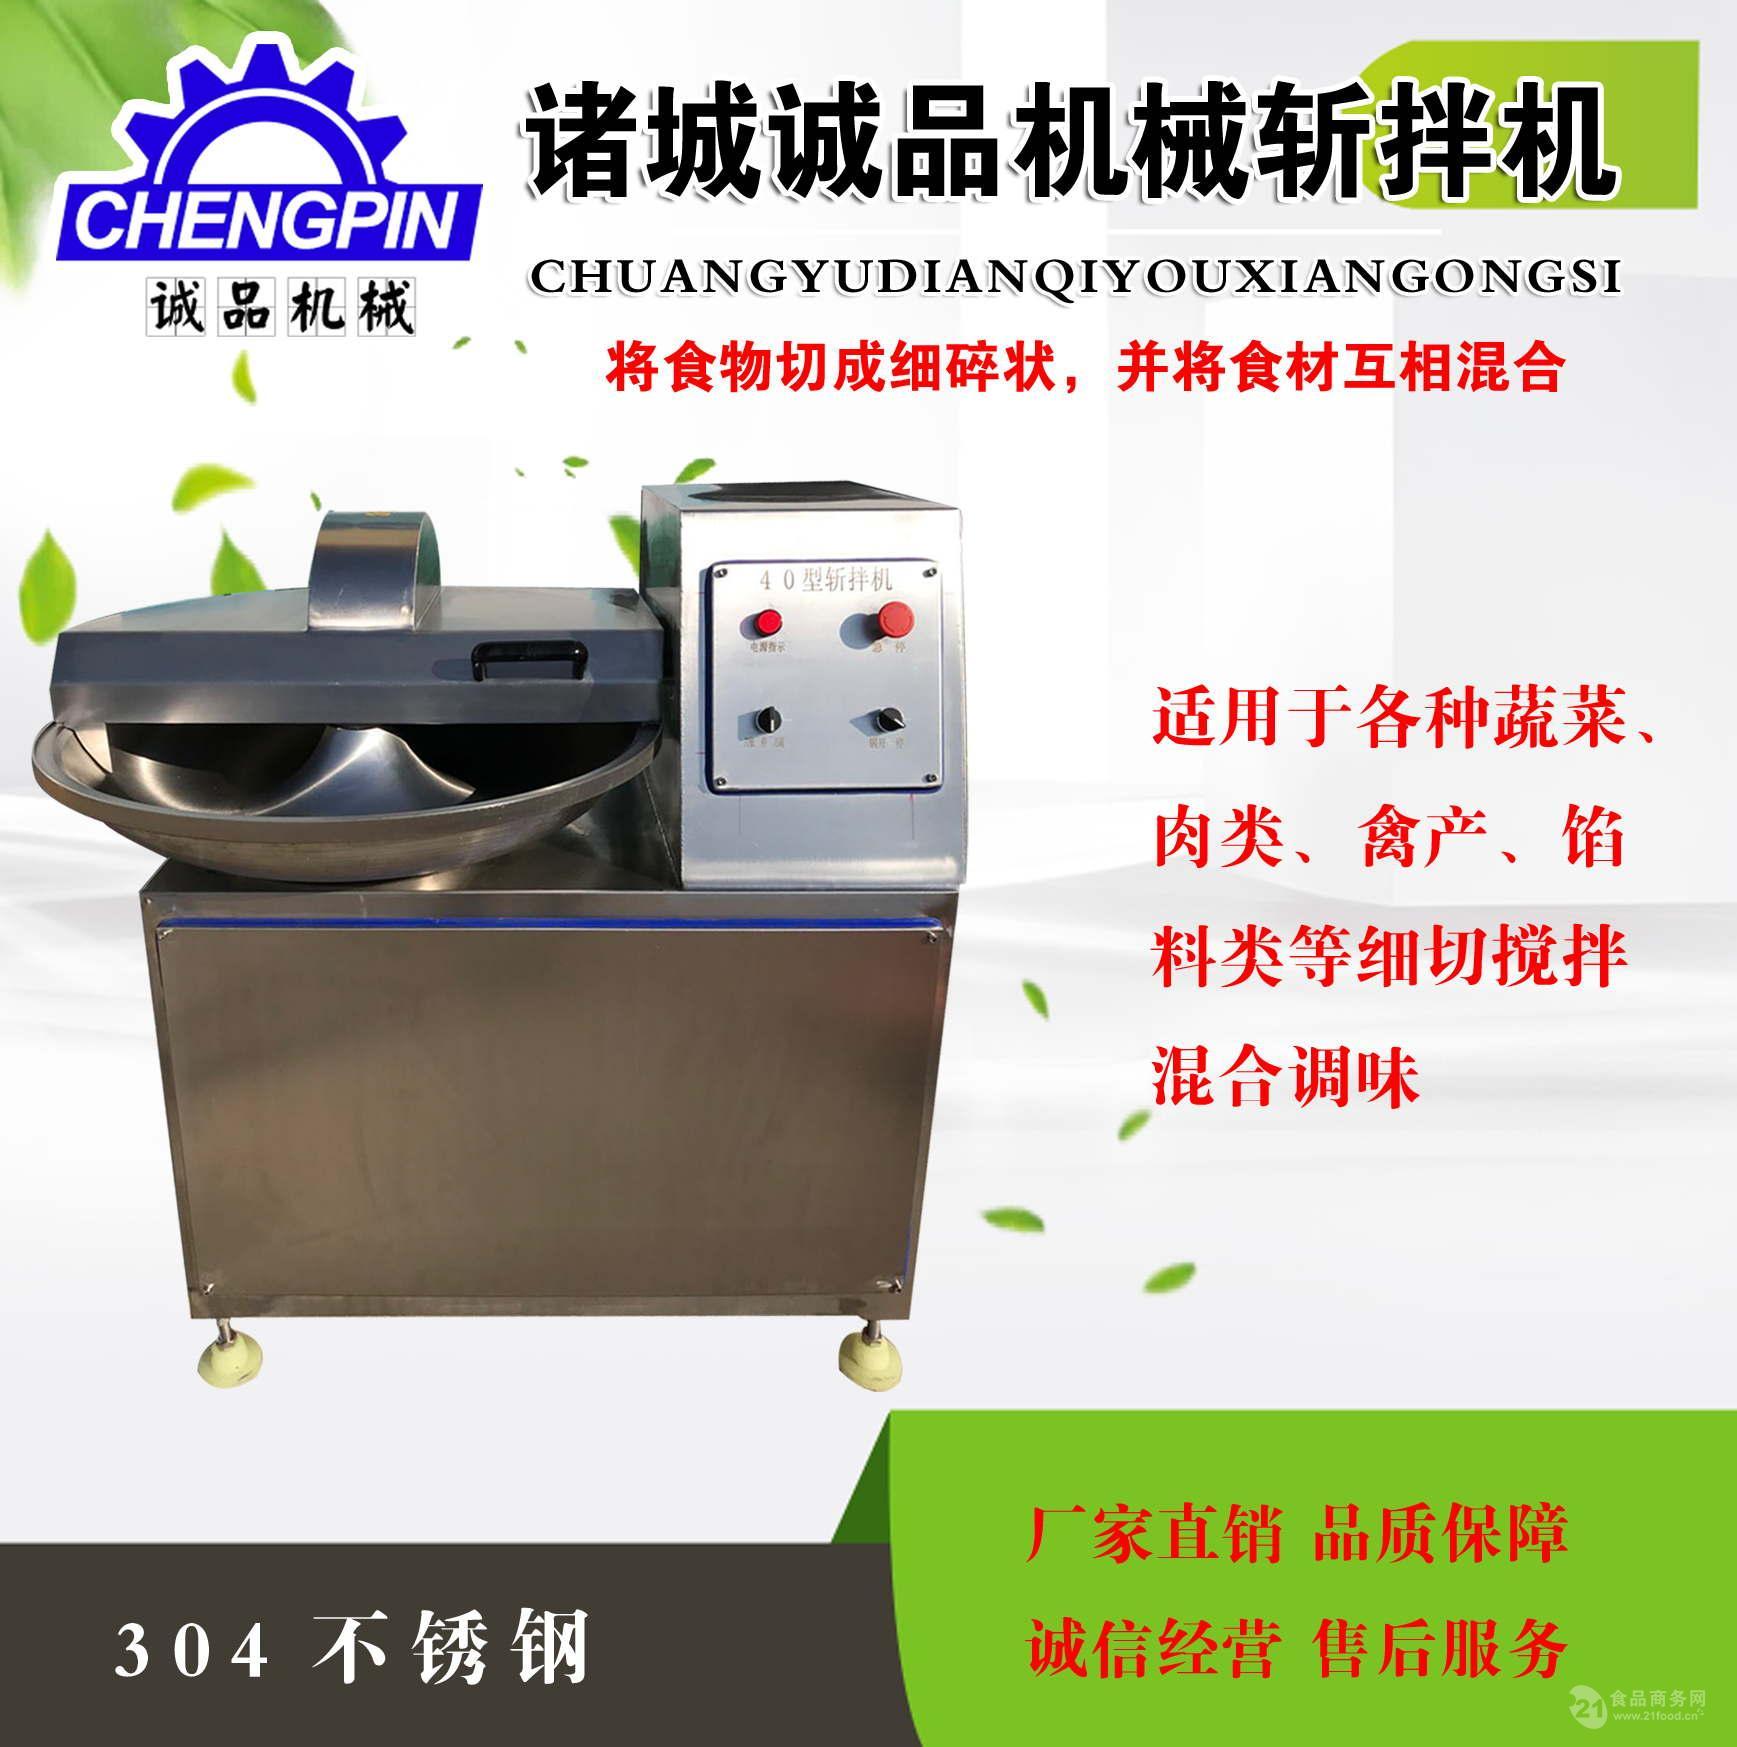 全自动不锈钢斩拌机机械加工 多功能肠类肉类蔬菜斩拌机高效节能